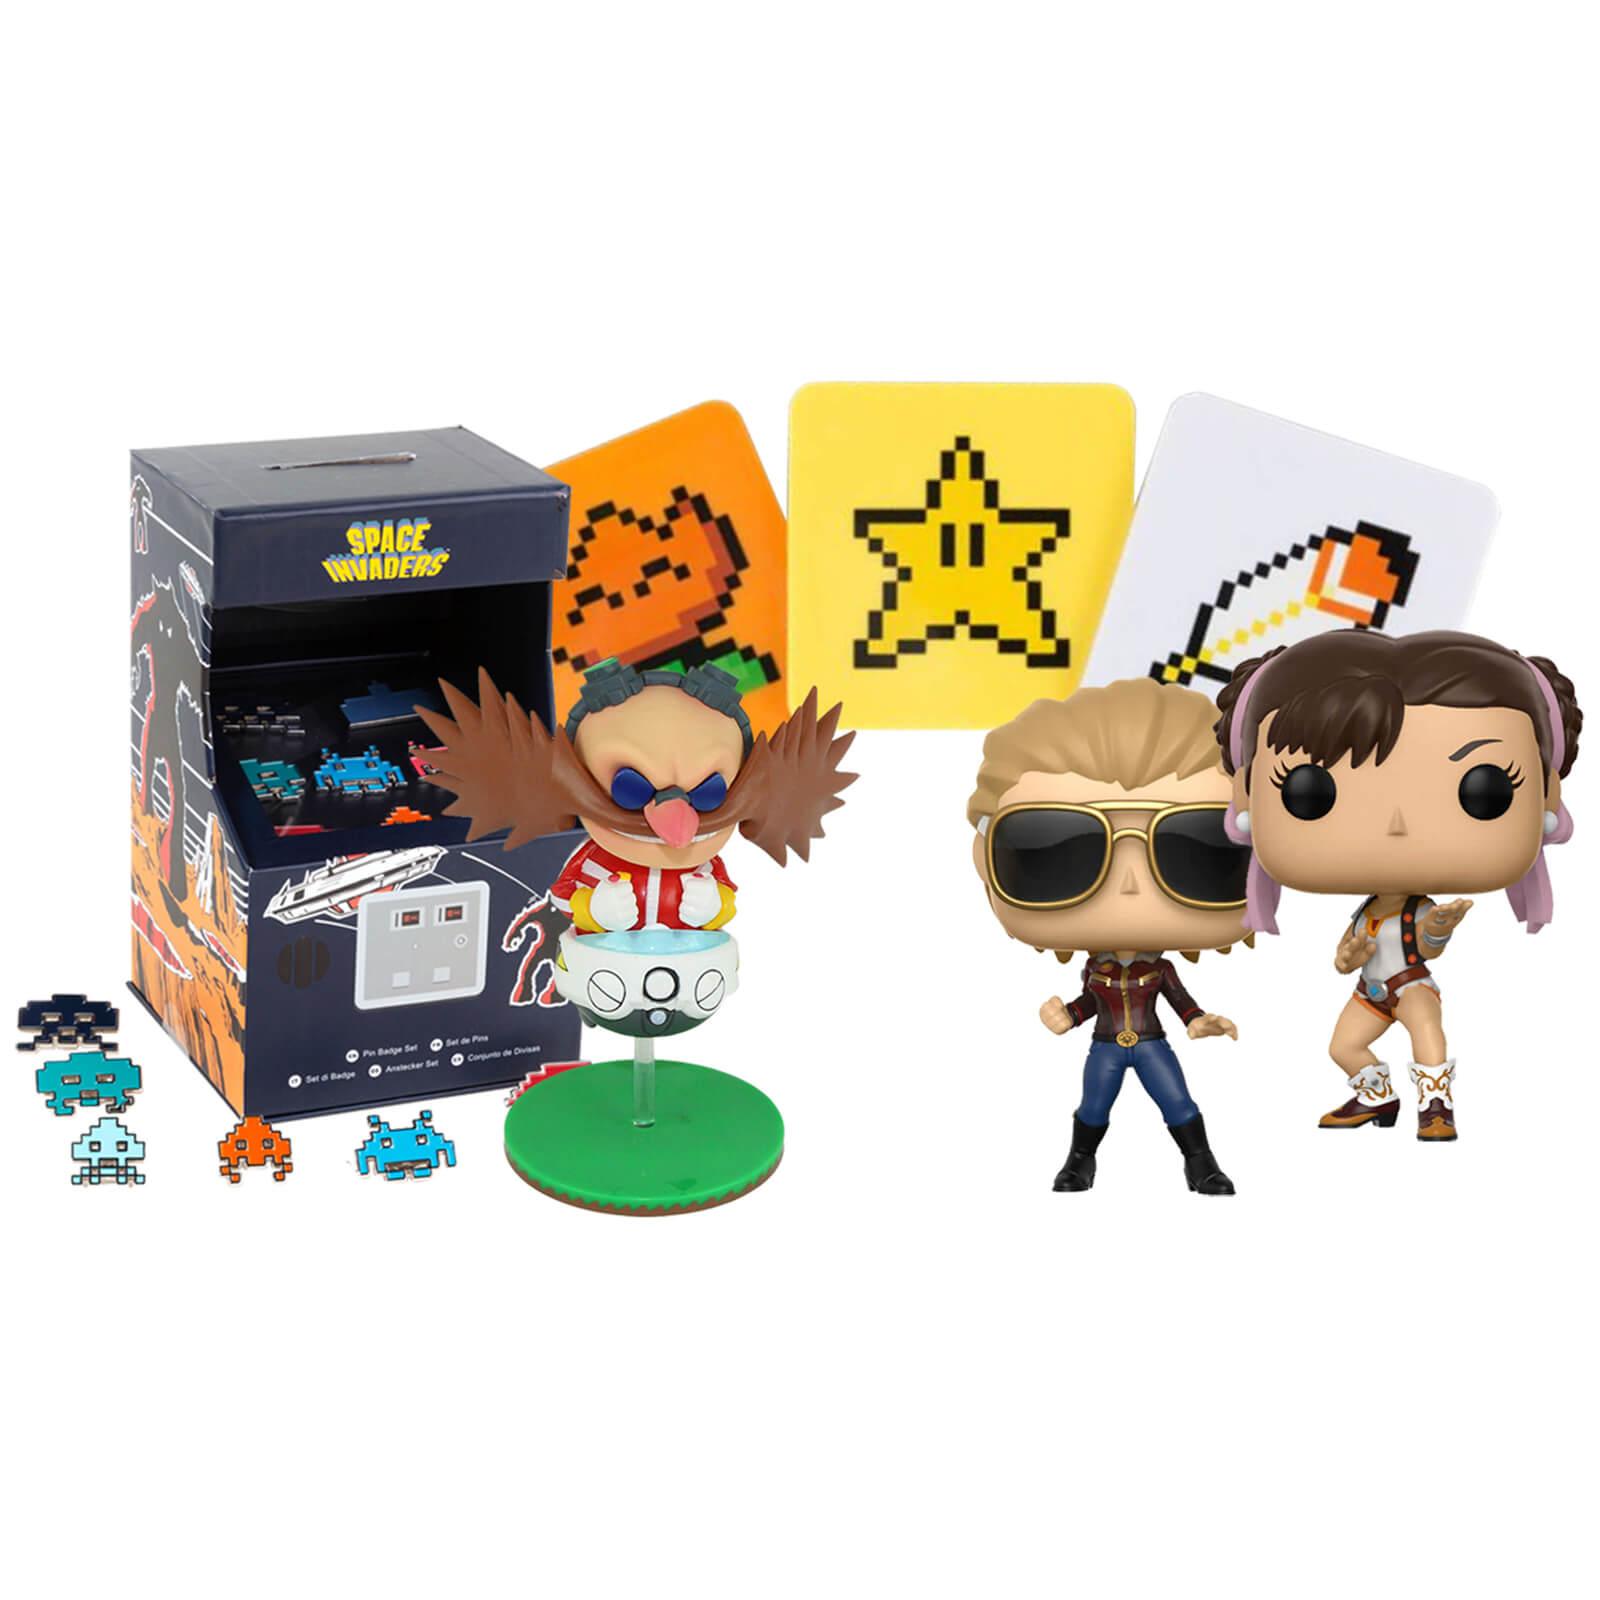 Retro Gaming Paket mit 2 Pop! Figuren, Dr. Robotnik, Space Invader Pins und SMW Untersetzer